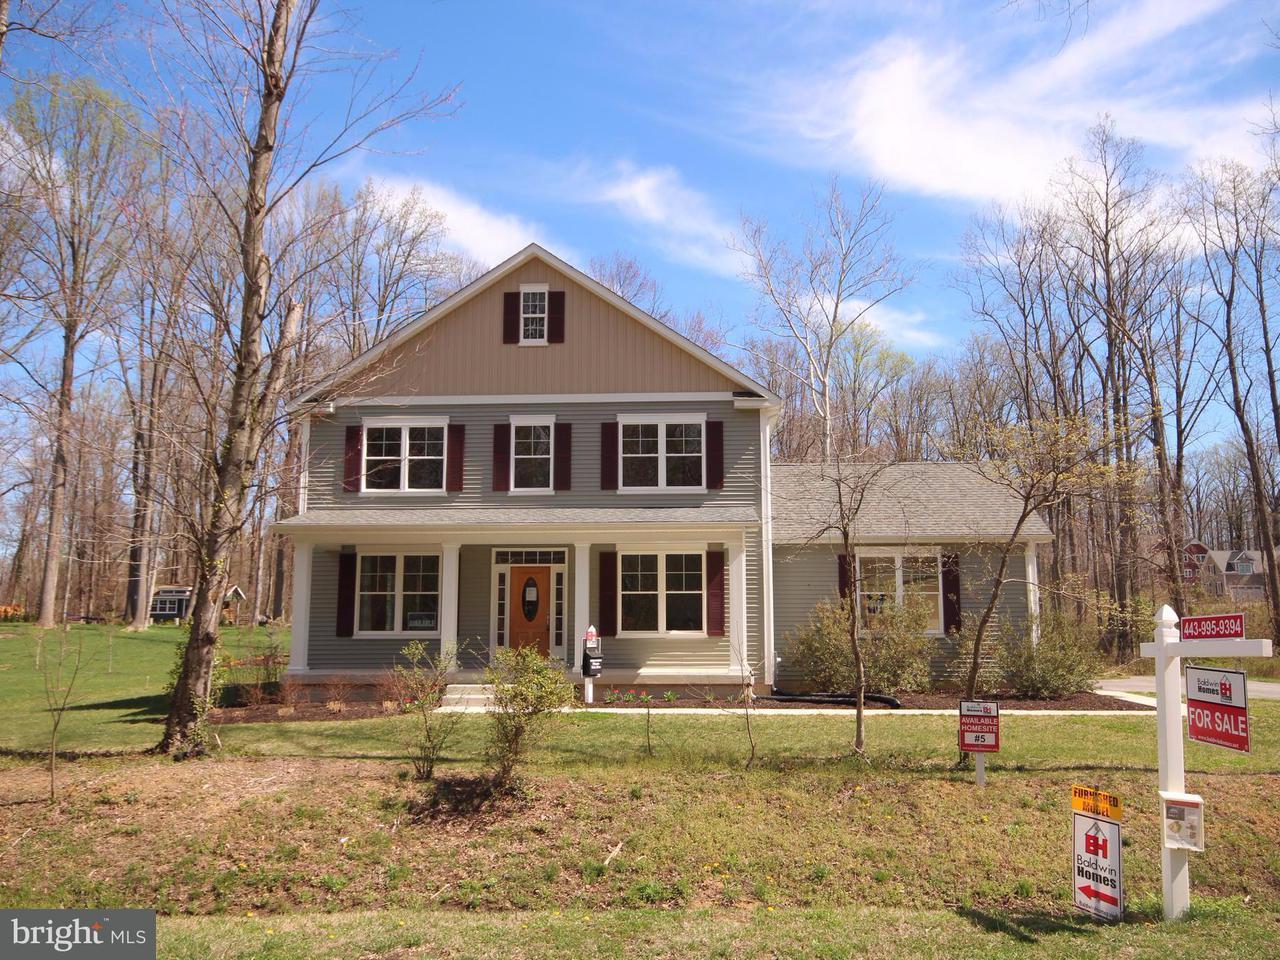 一戸建て のために 売買 アット 4 RUSTLING OAKS Drive 4 RUSTLING OAKS Drive Wye Mills, メリーランド 21679 アメリカ合衆国